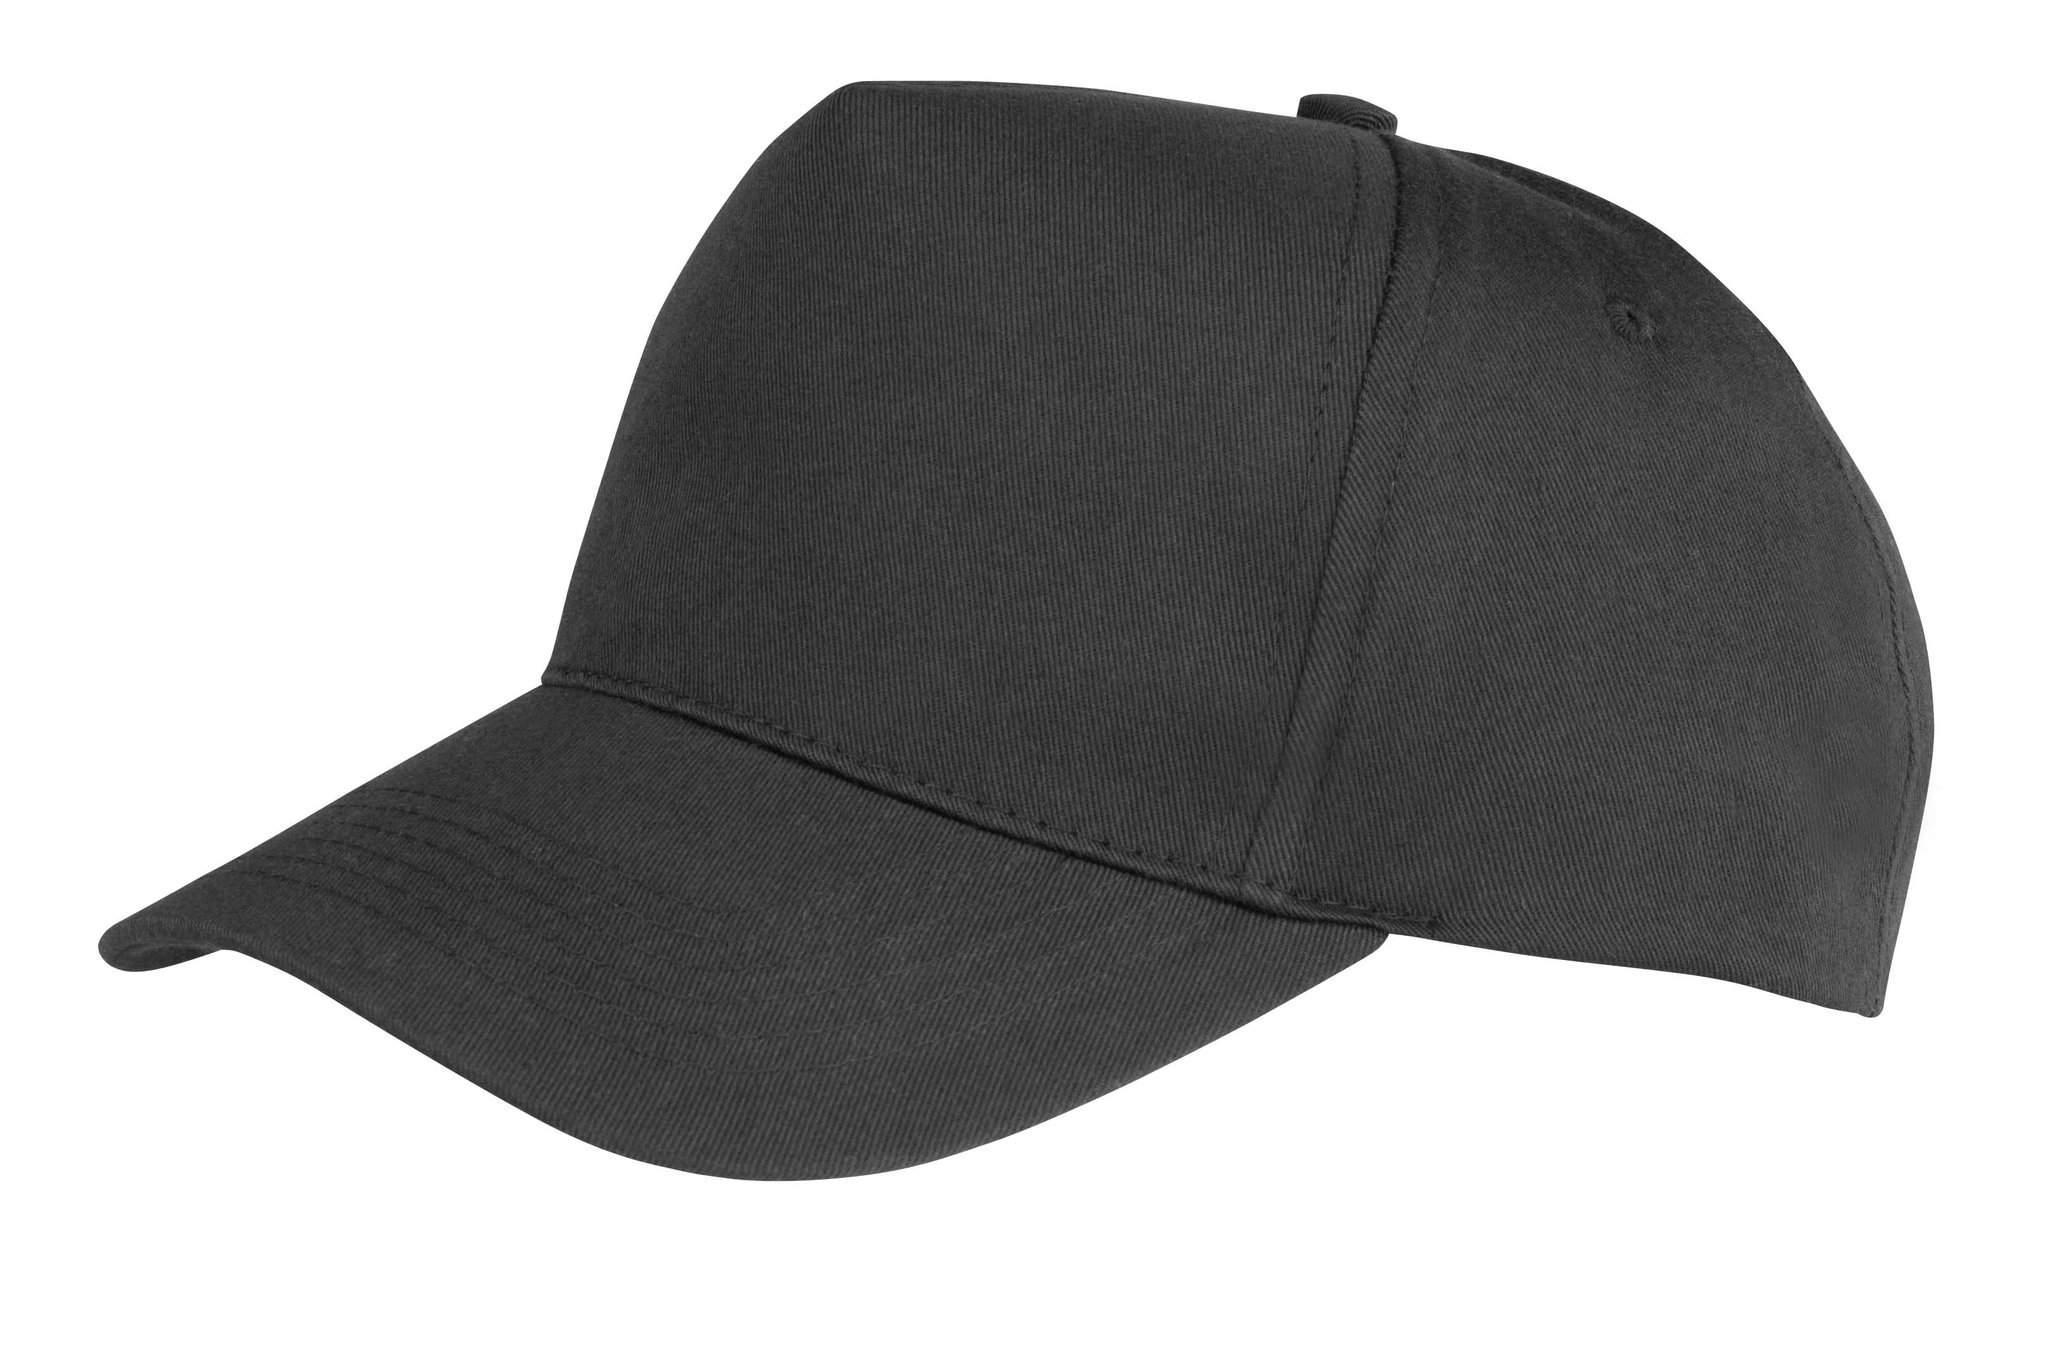 Casquette promotionnelle Boston - casquette publicitaire